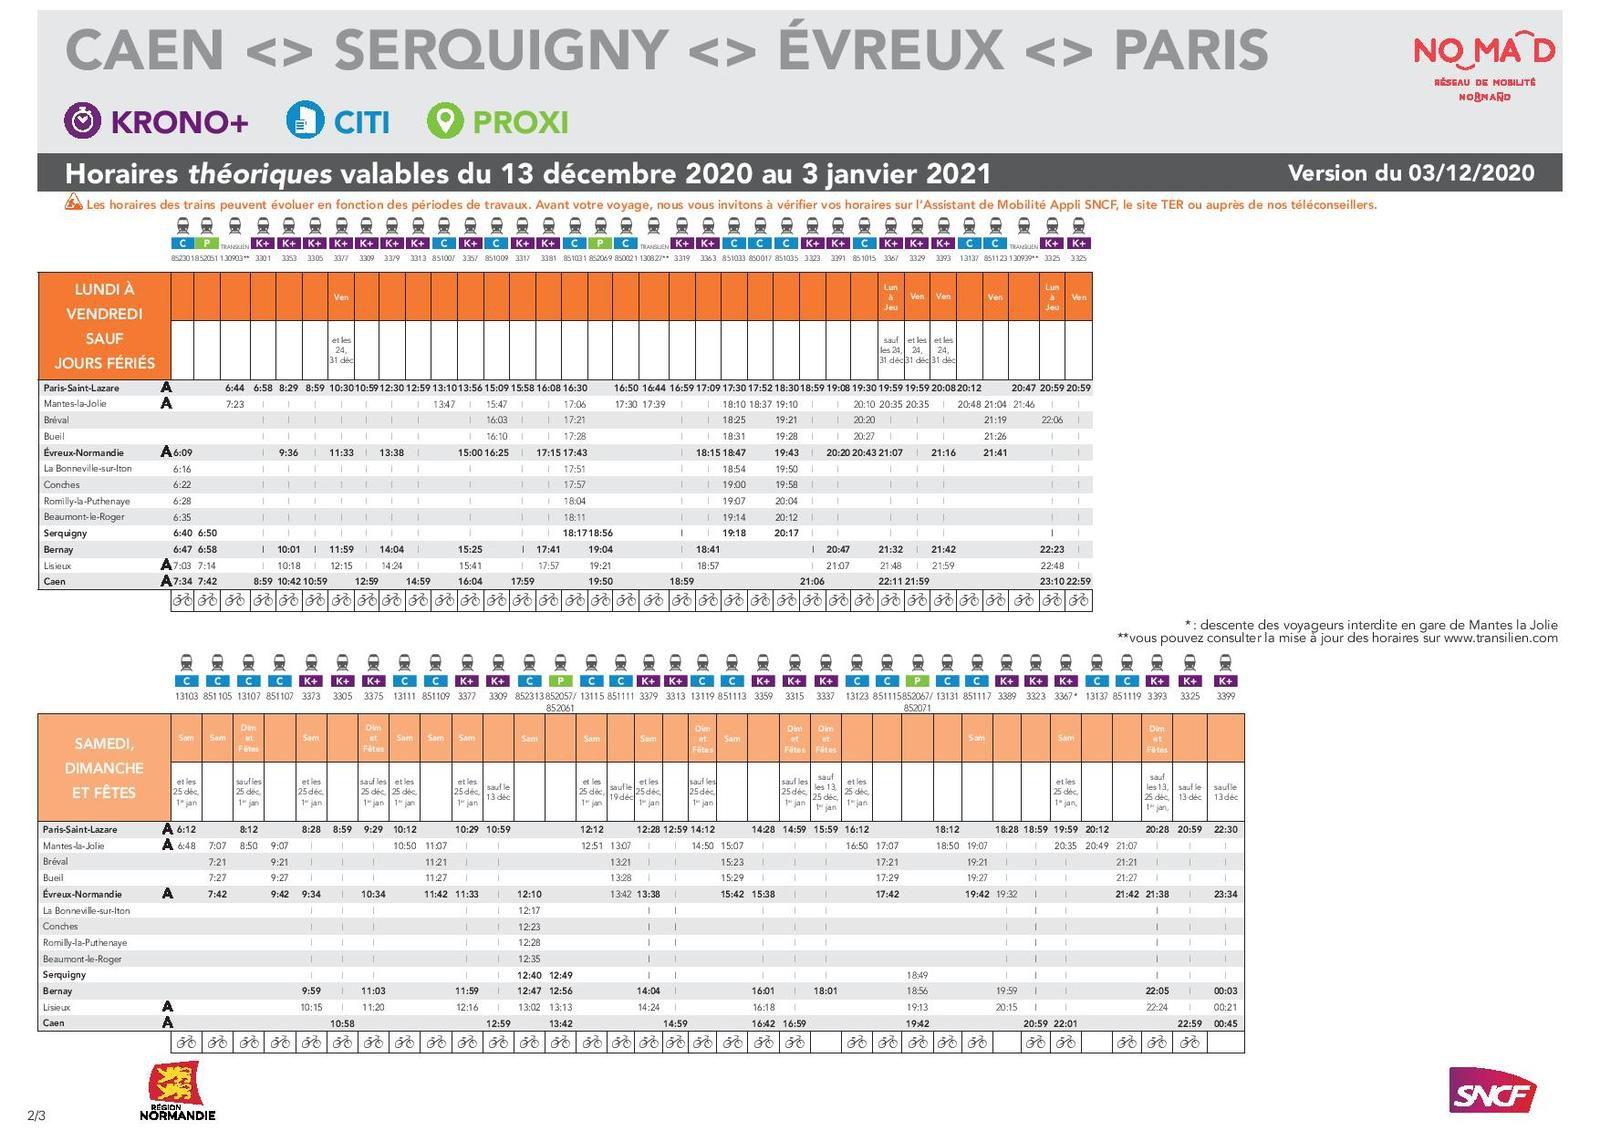 CAEN >Lisieux > Evreux > Paris